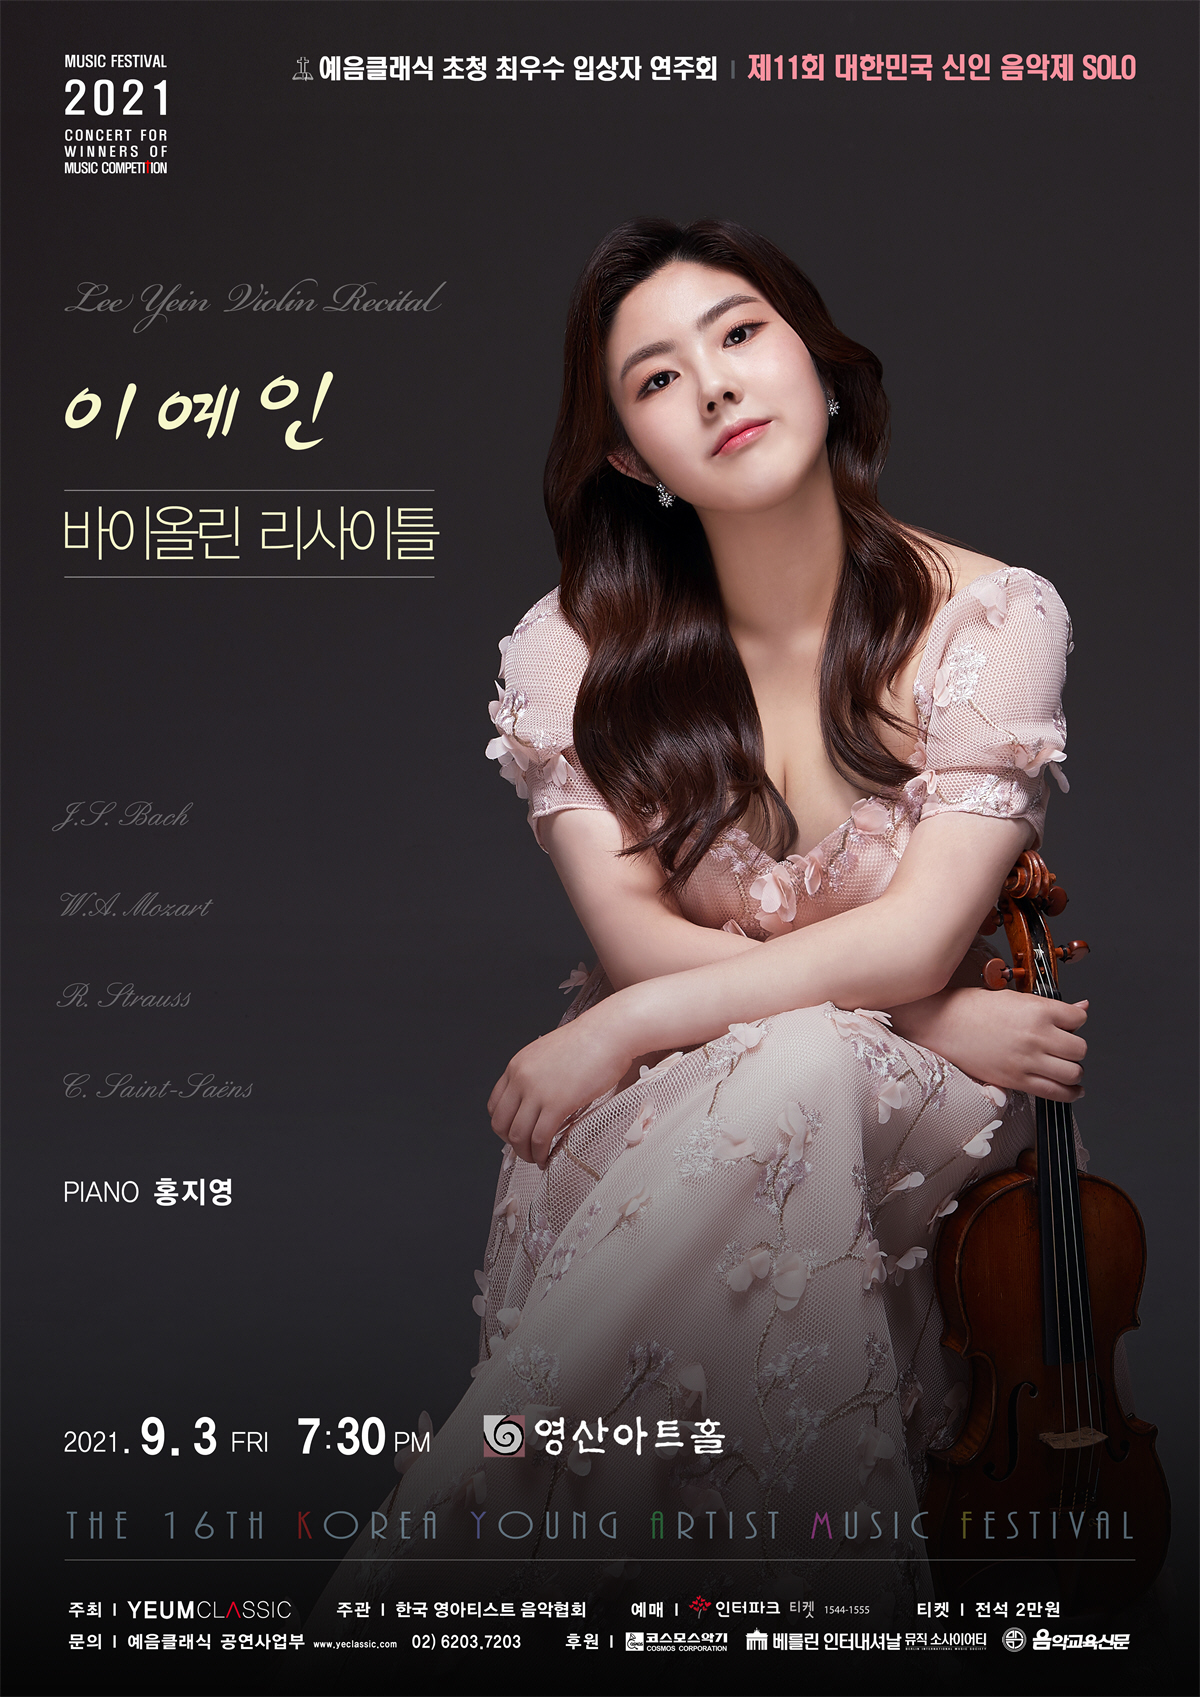 대한민국 신인음악제 이예인 바이올린 리사이틀.jpg